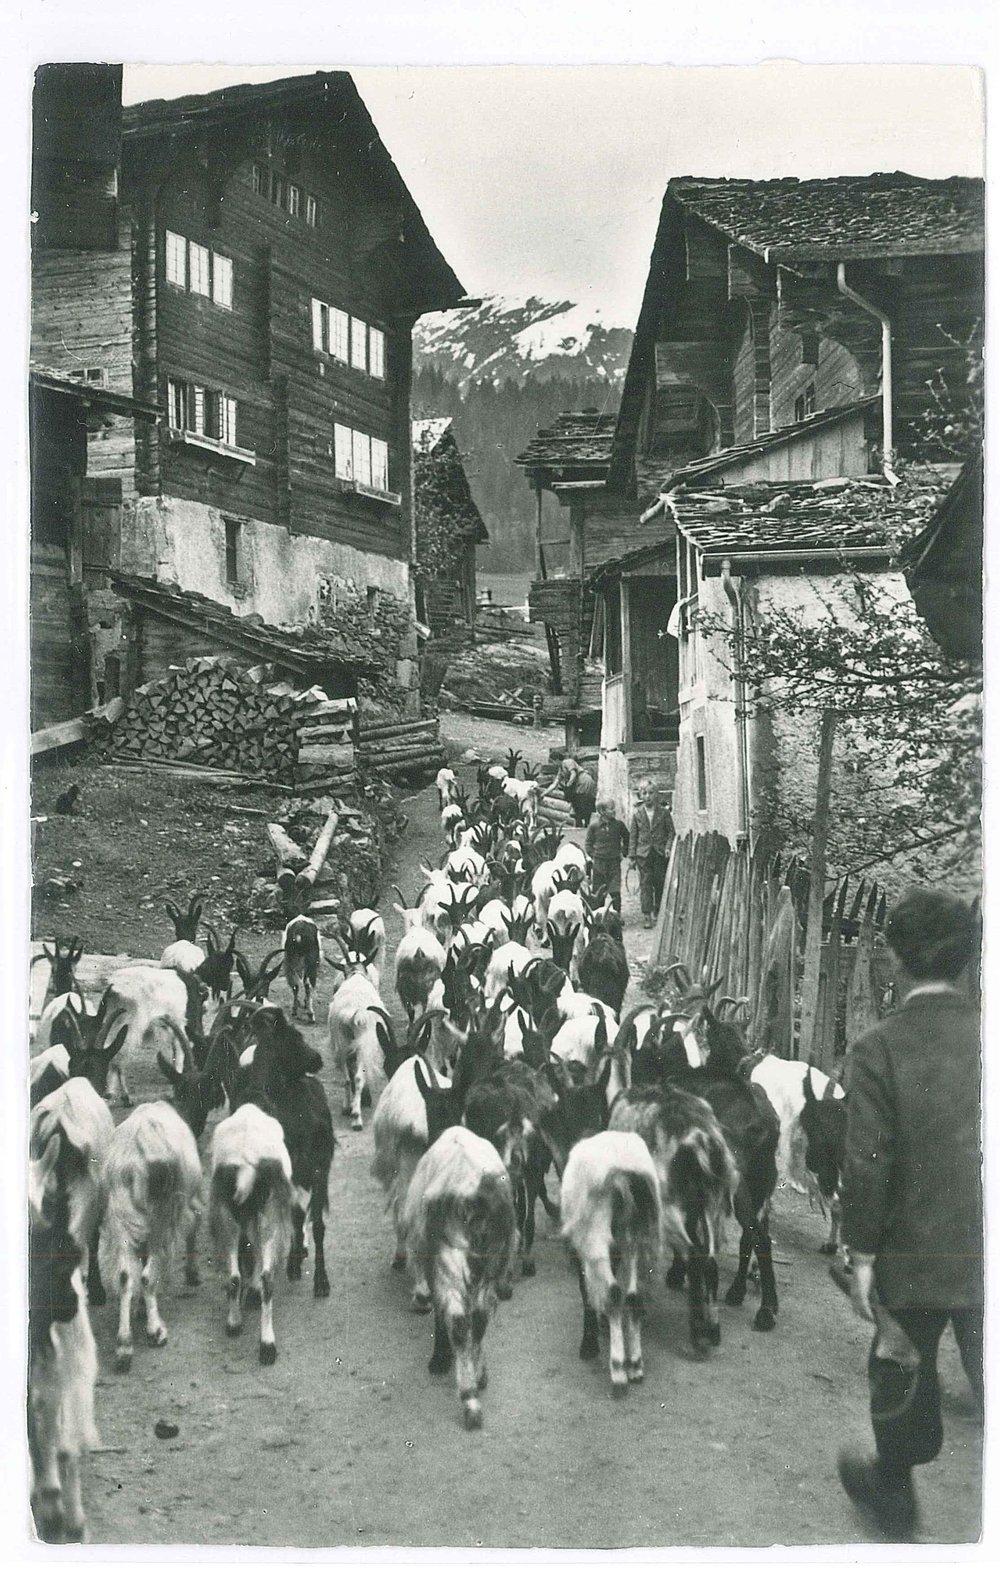 Ziegen im Dorf_postkarte 1953.jpg